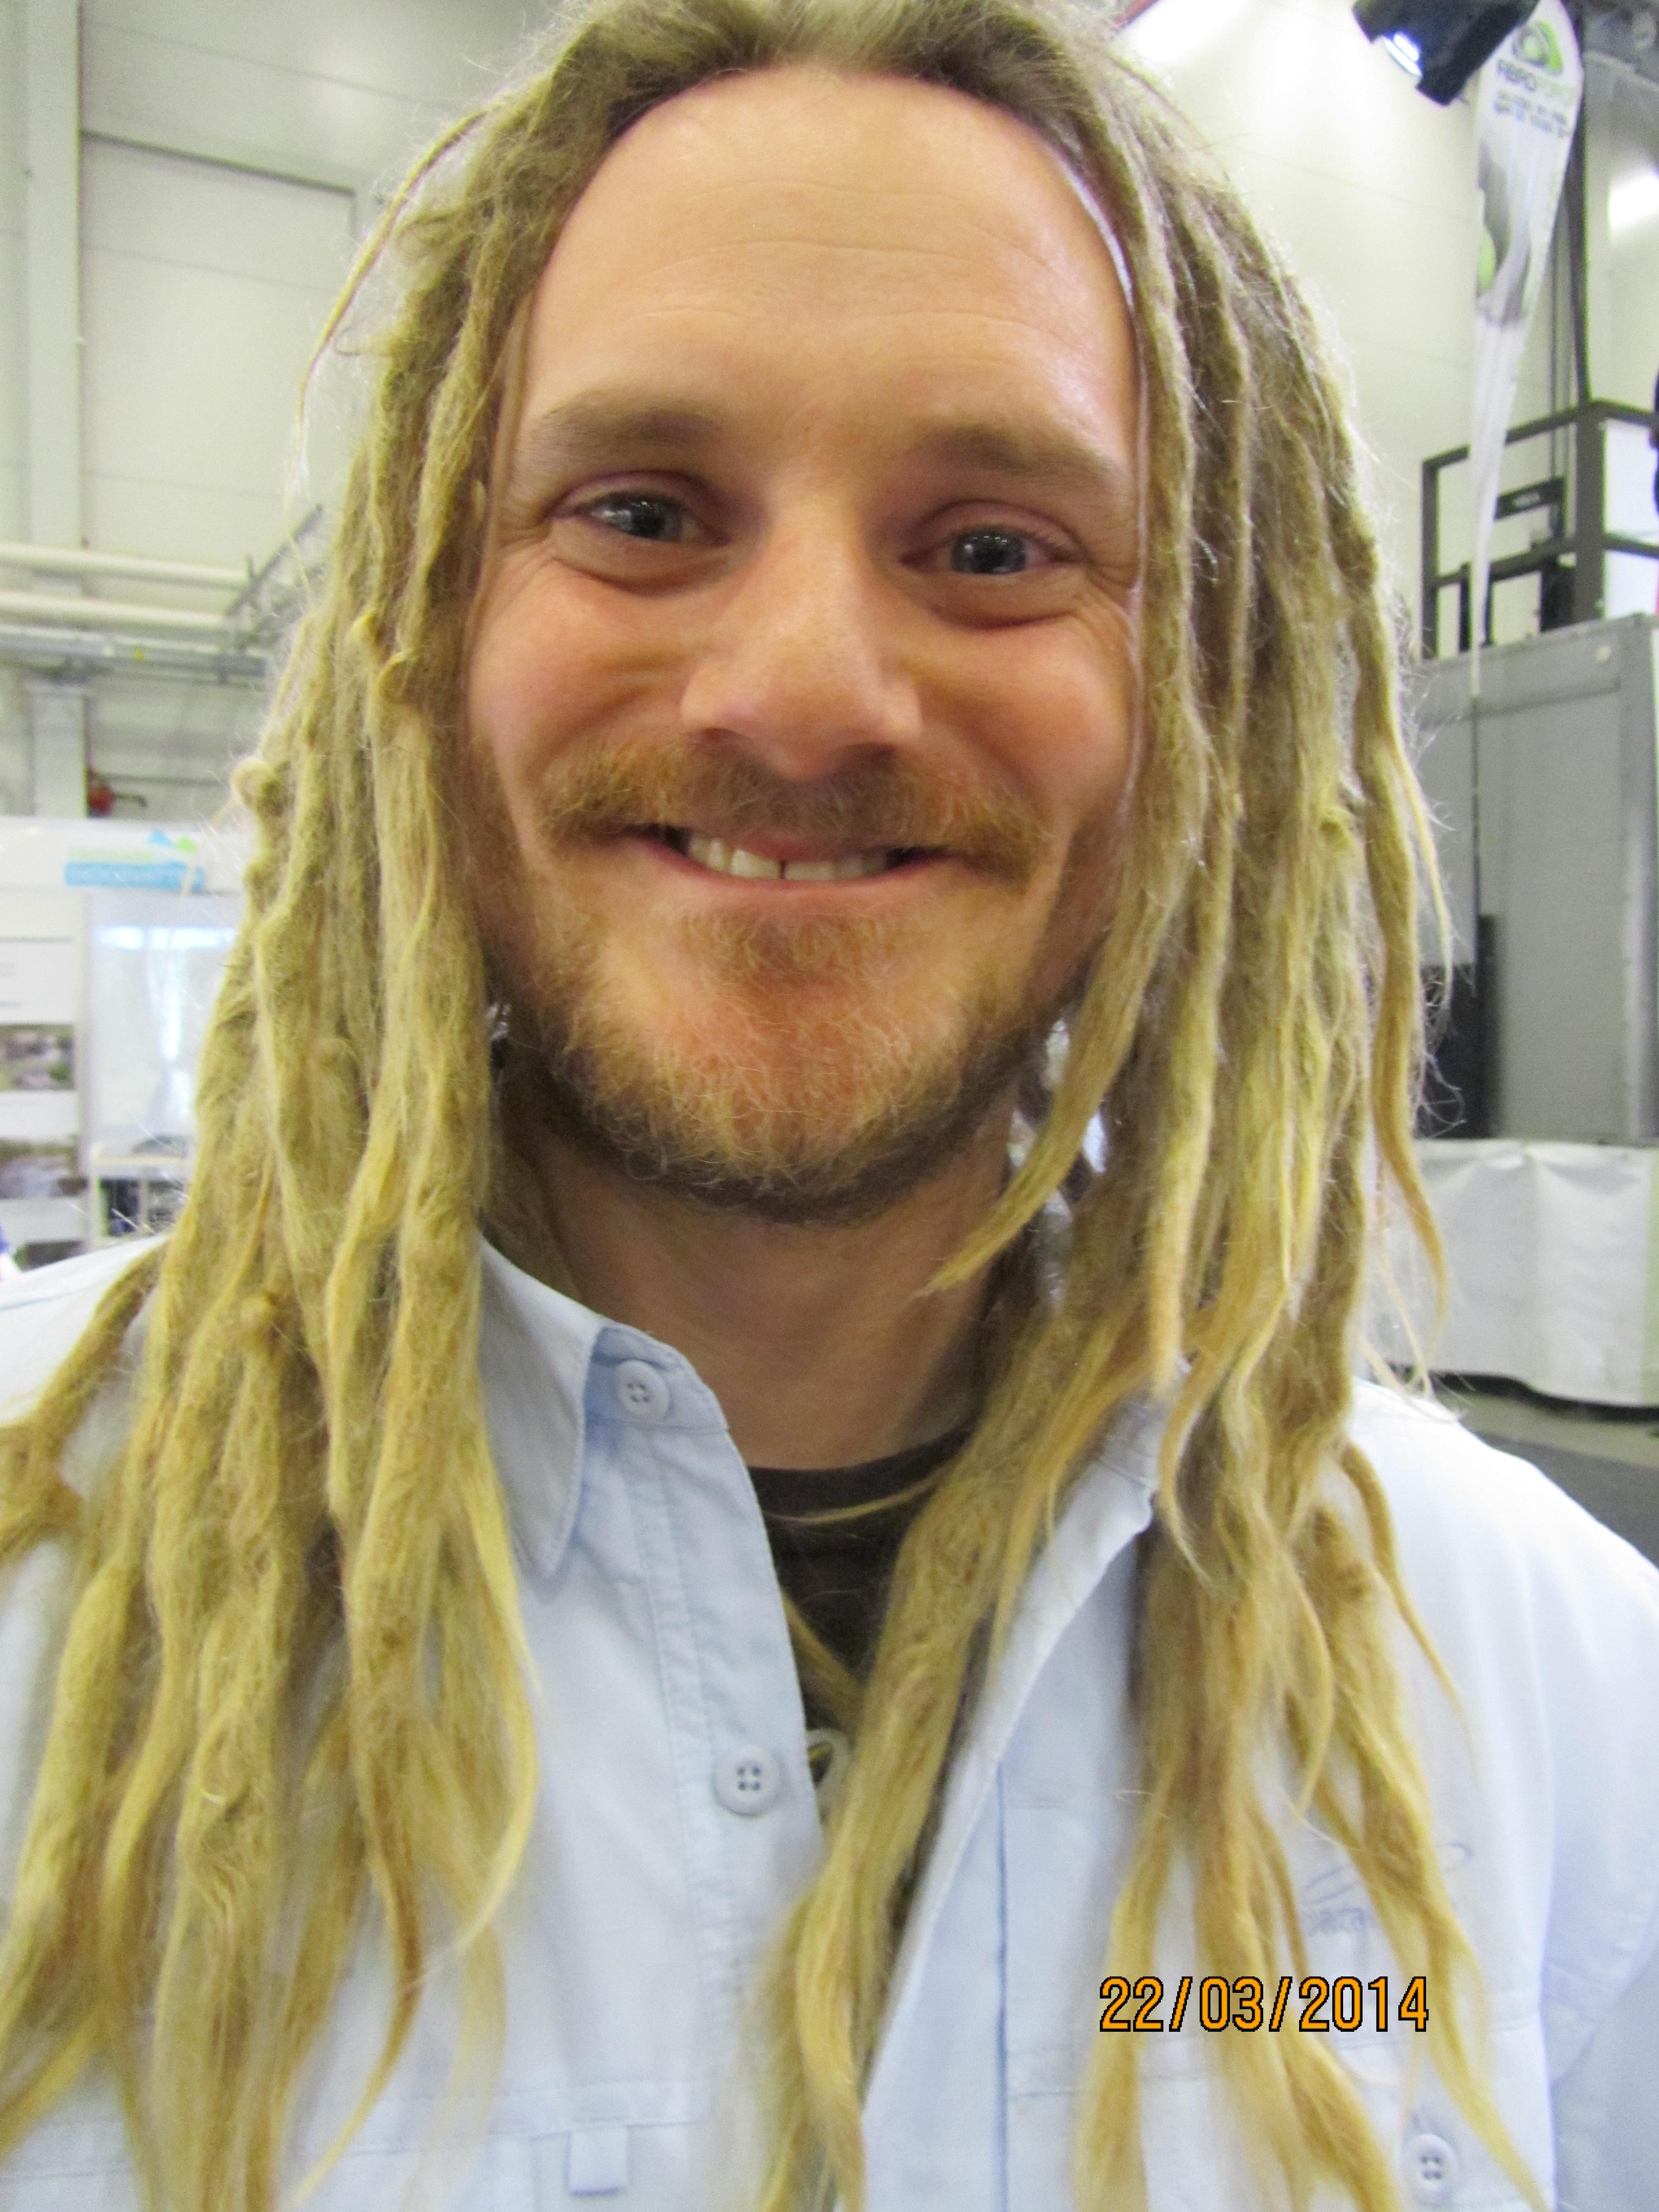 """Gädd-Joel med frisyren som kommer alltid är rätt och alltid kommer vara """"årets"""". Mässan till ära var håret nytvättat! Jag fick t o m provlukta.... 6 månader sen sist men lite hälleslem gjorde shampot nödvändigt  :-)"""